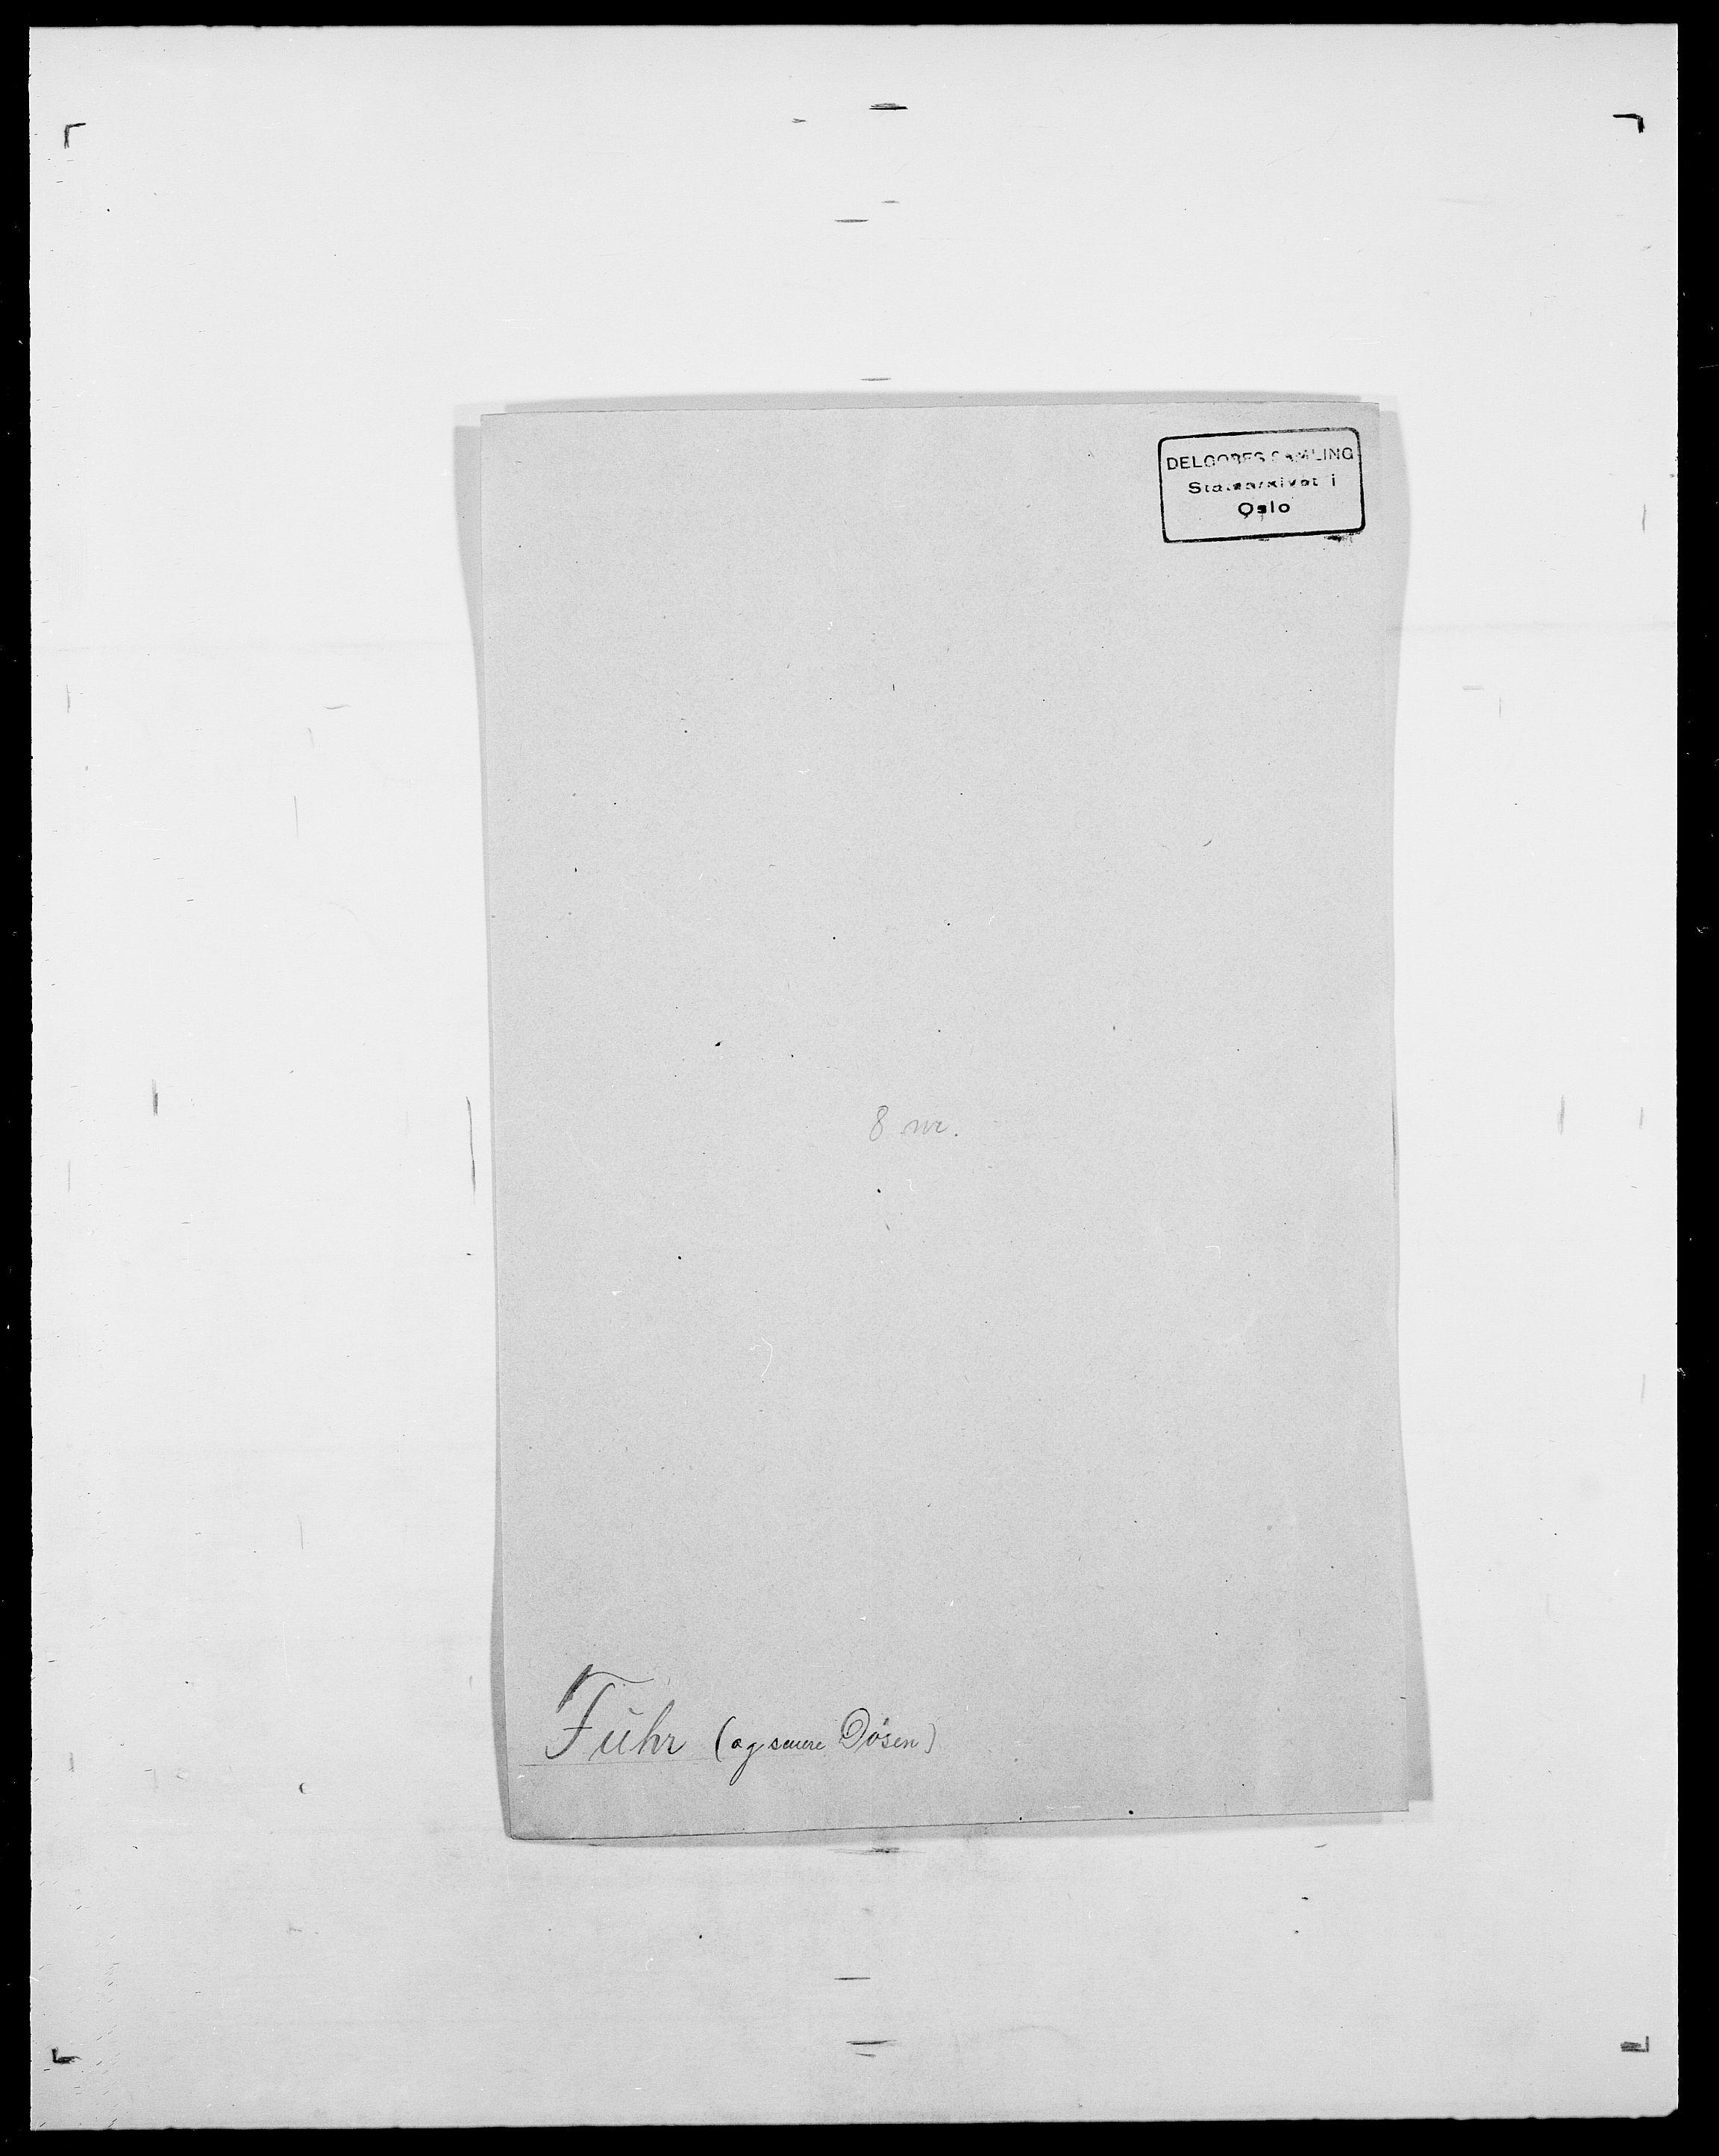 SAO, Delgobe, Charles Antoine - samling, D/Da/L0013: Forbos - Geving, s. 177